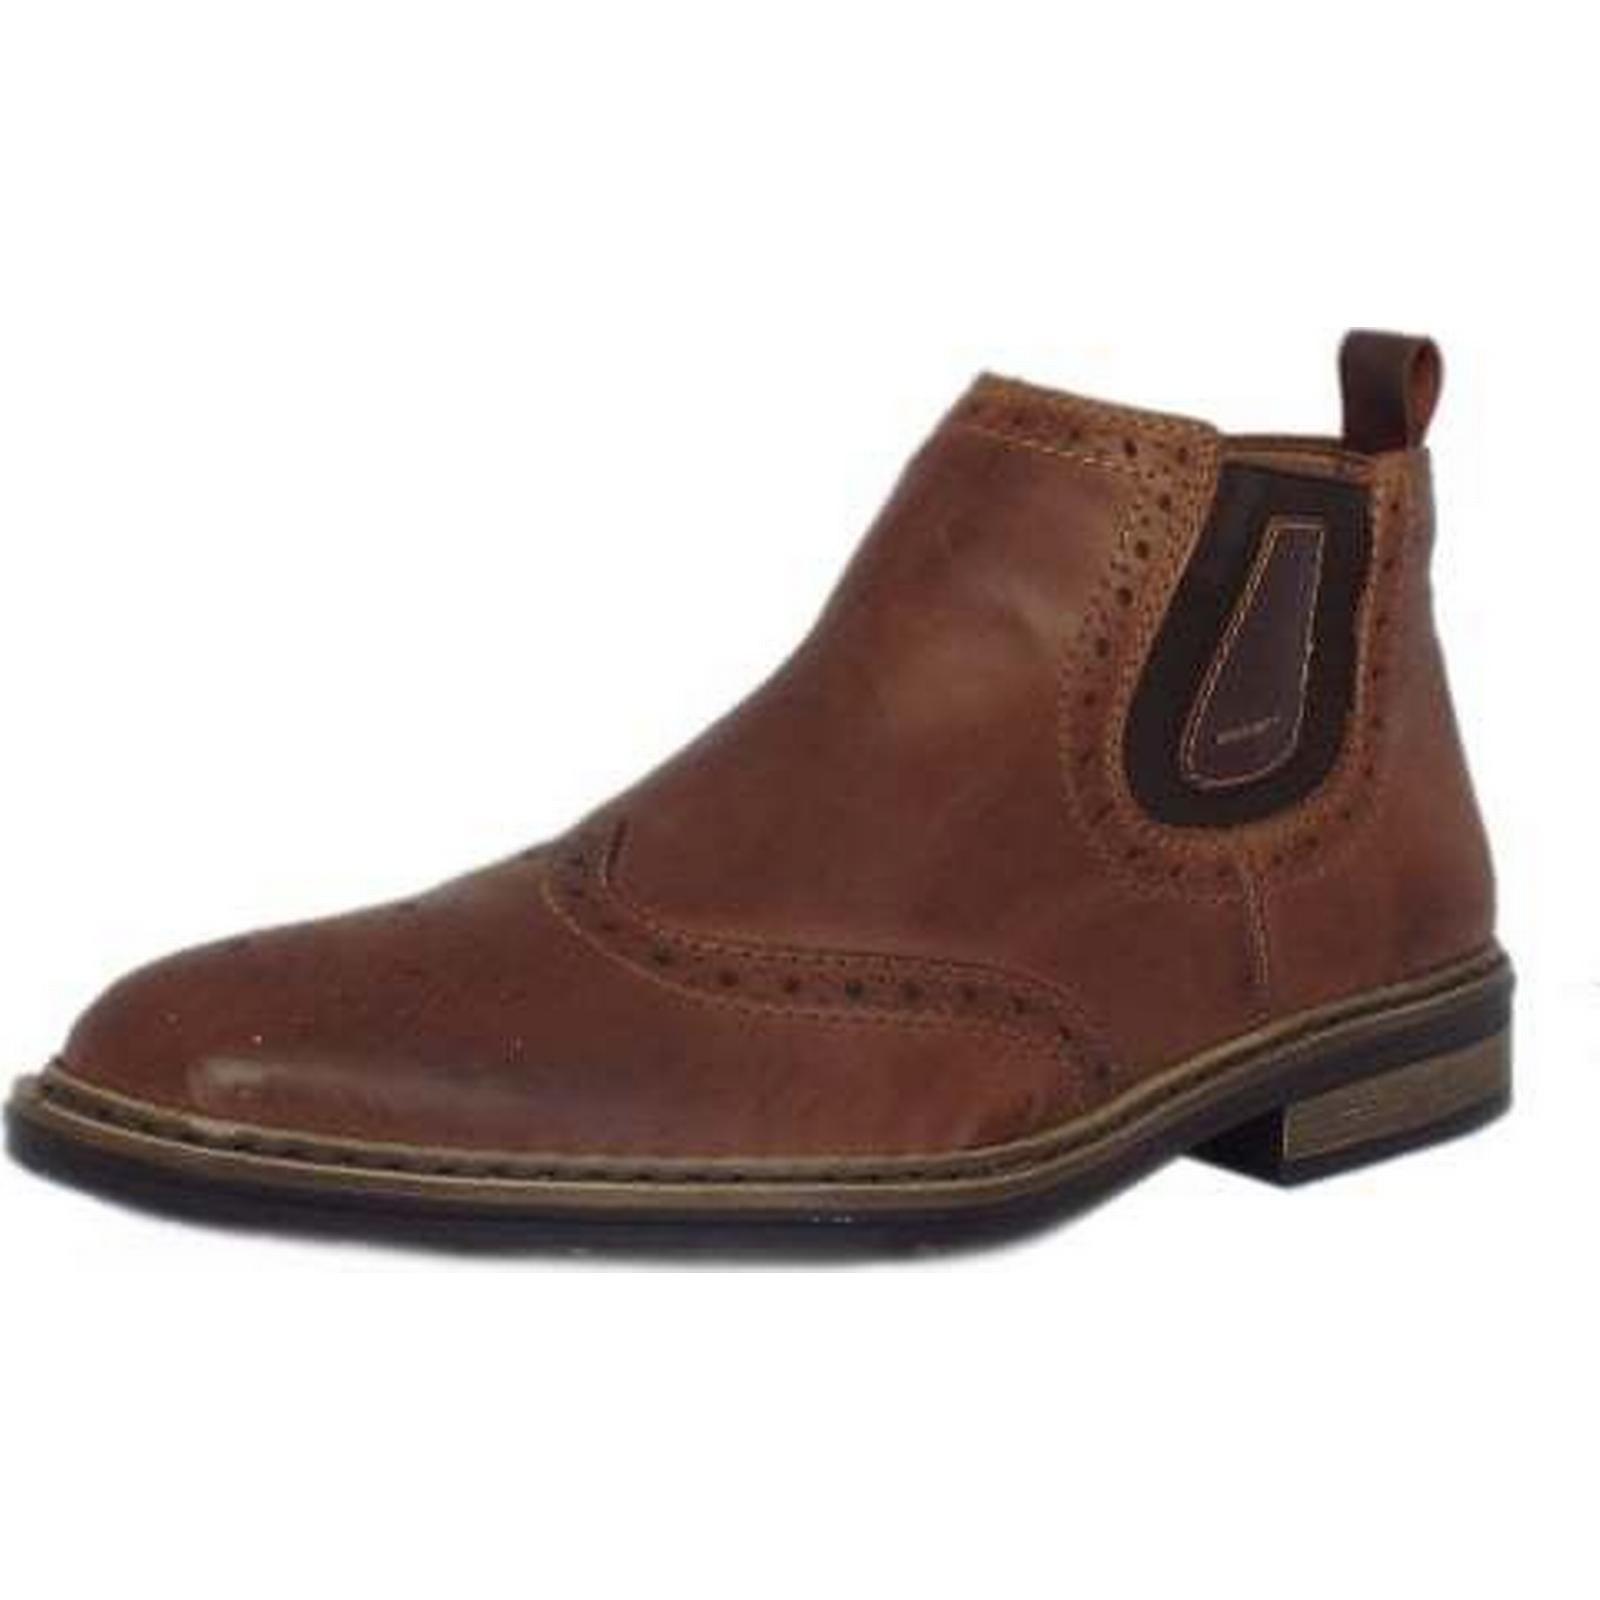 58acf622e320 Rieker TEXAS RIEKER MANS BOOTS BOOTS BOOTS Size  40